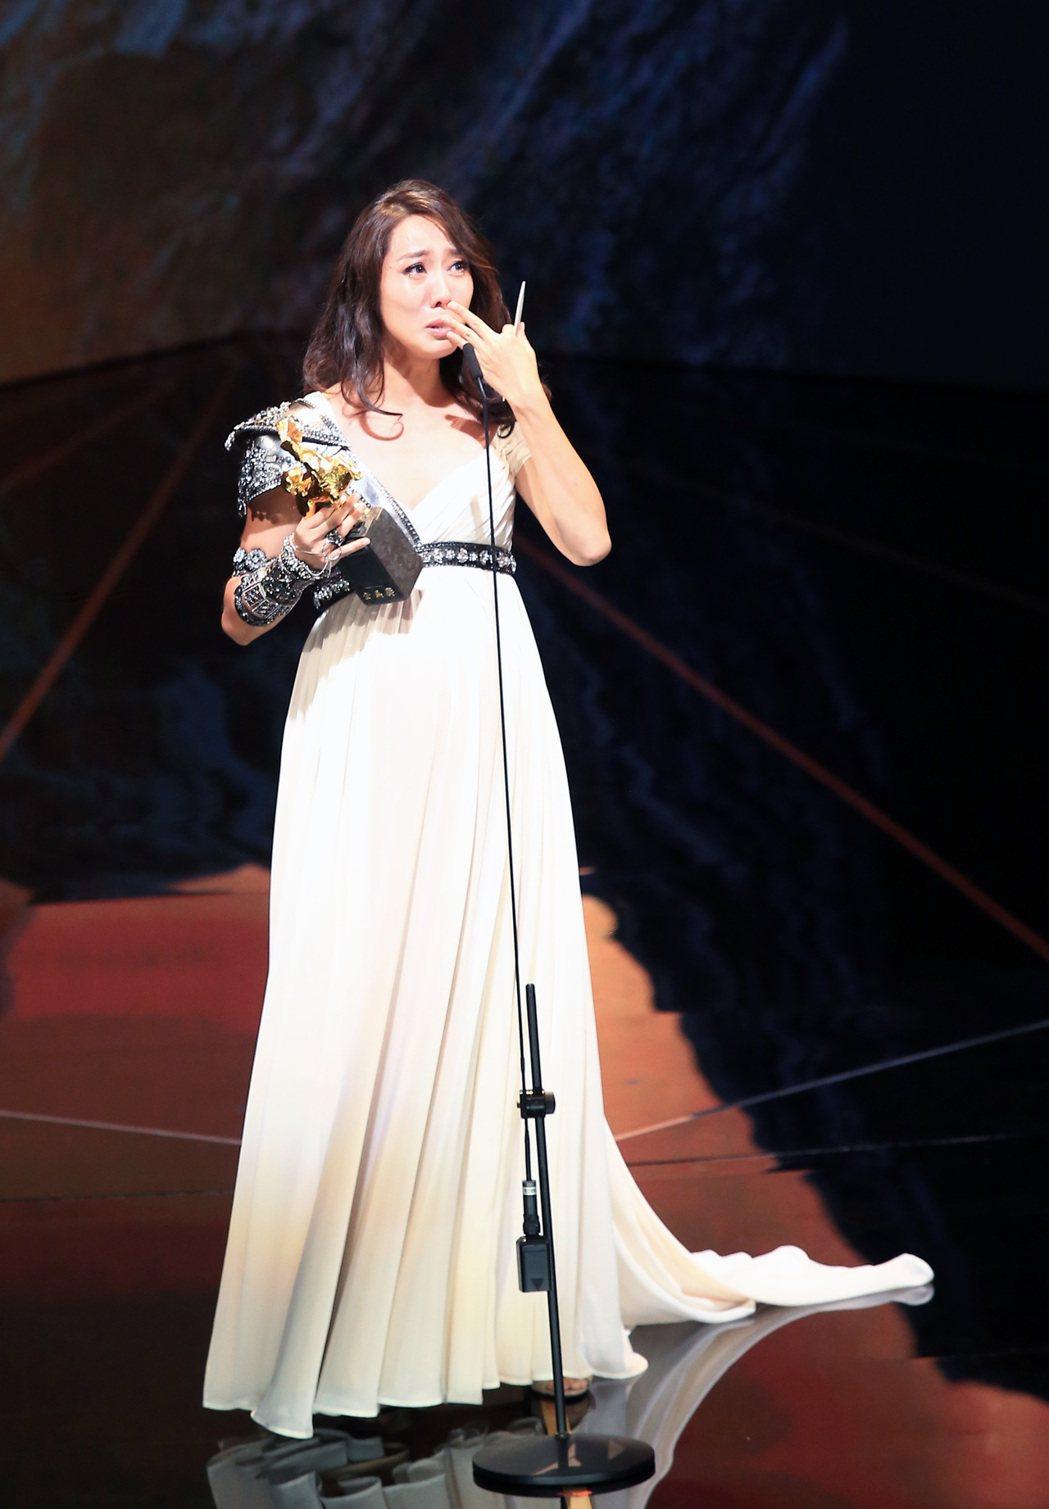 第56屆金馬獎頒獎典禮,張詩盈獲頒最佳女配角獎。記者林伯東/攝影